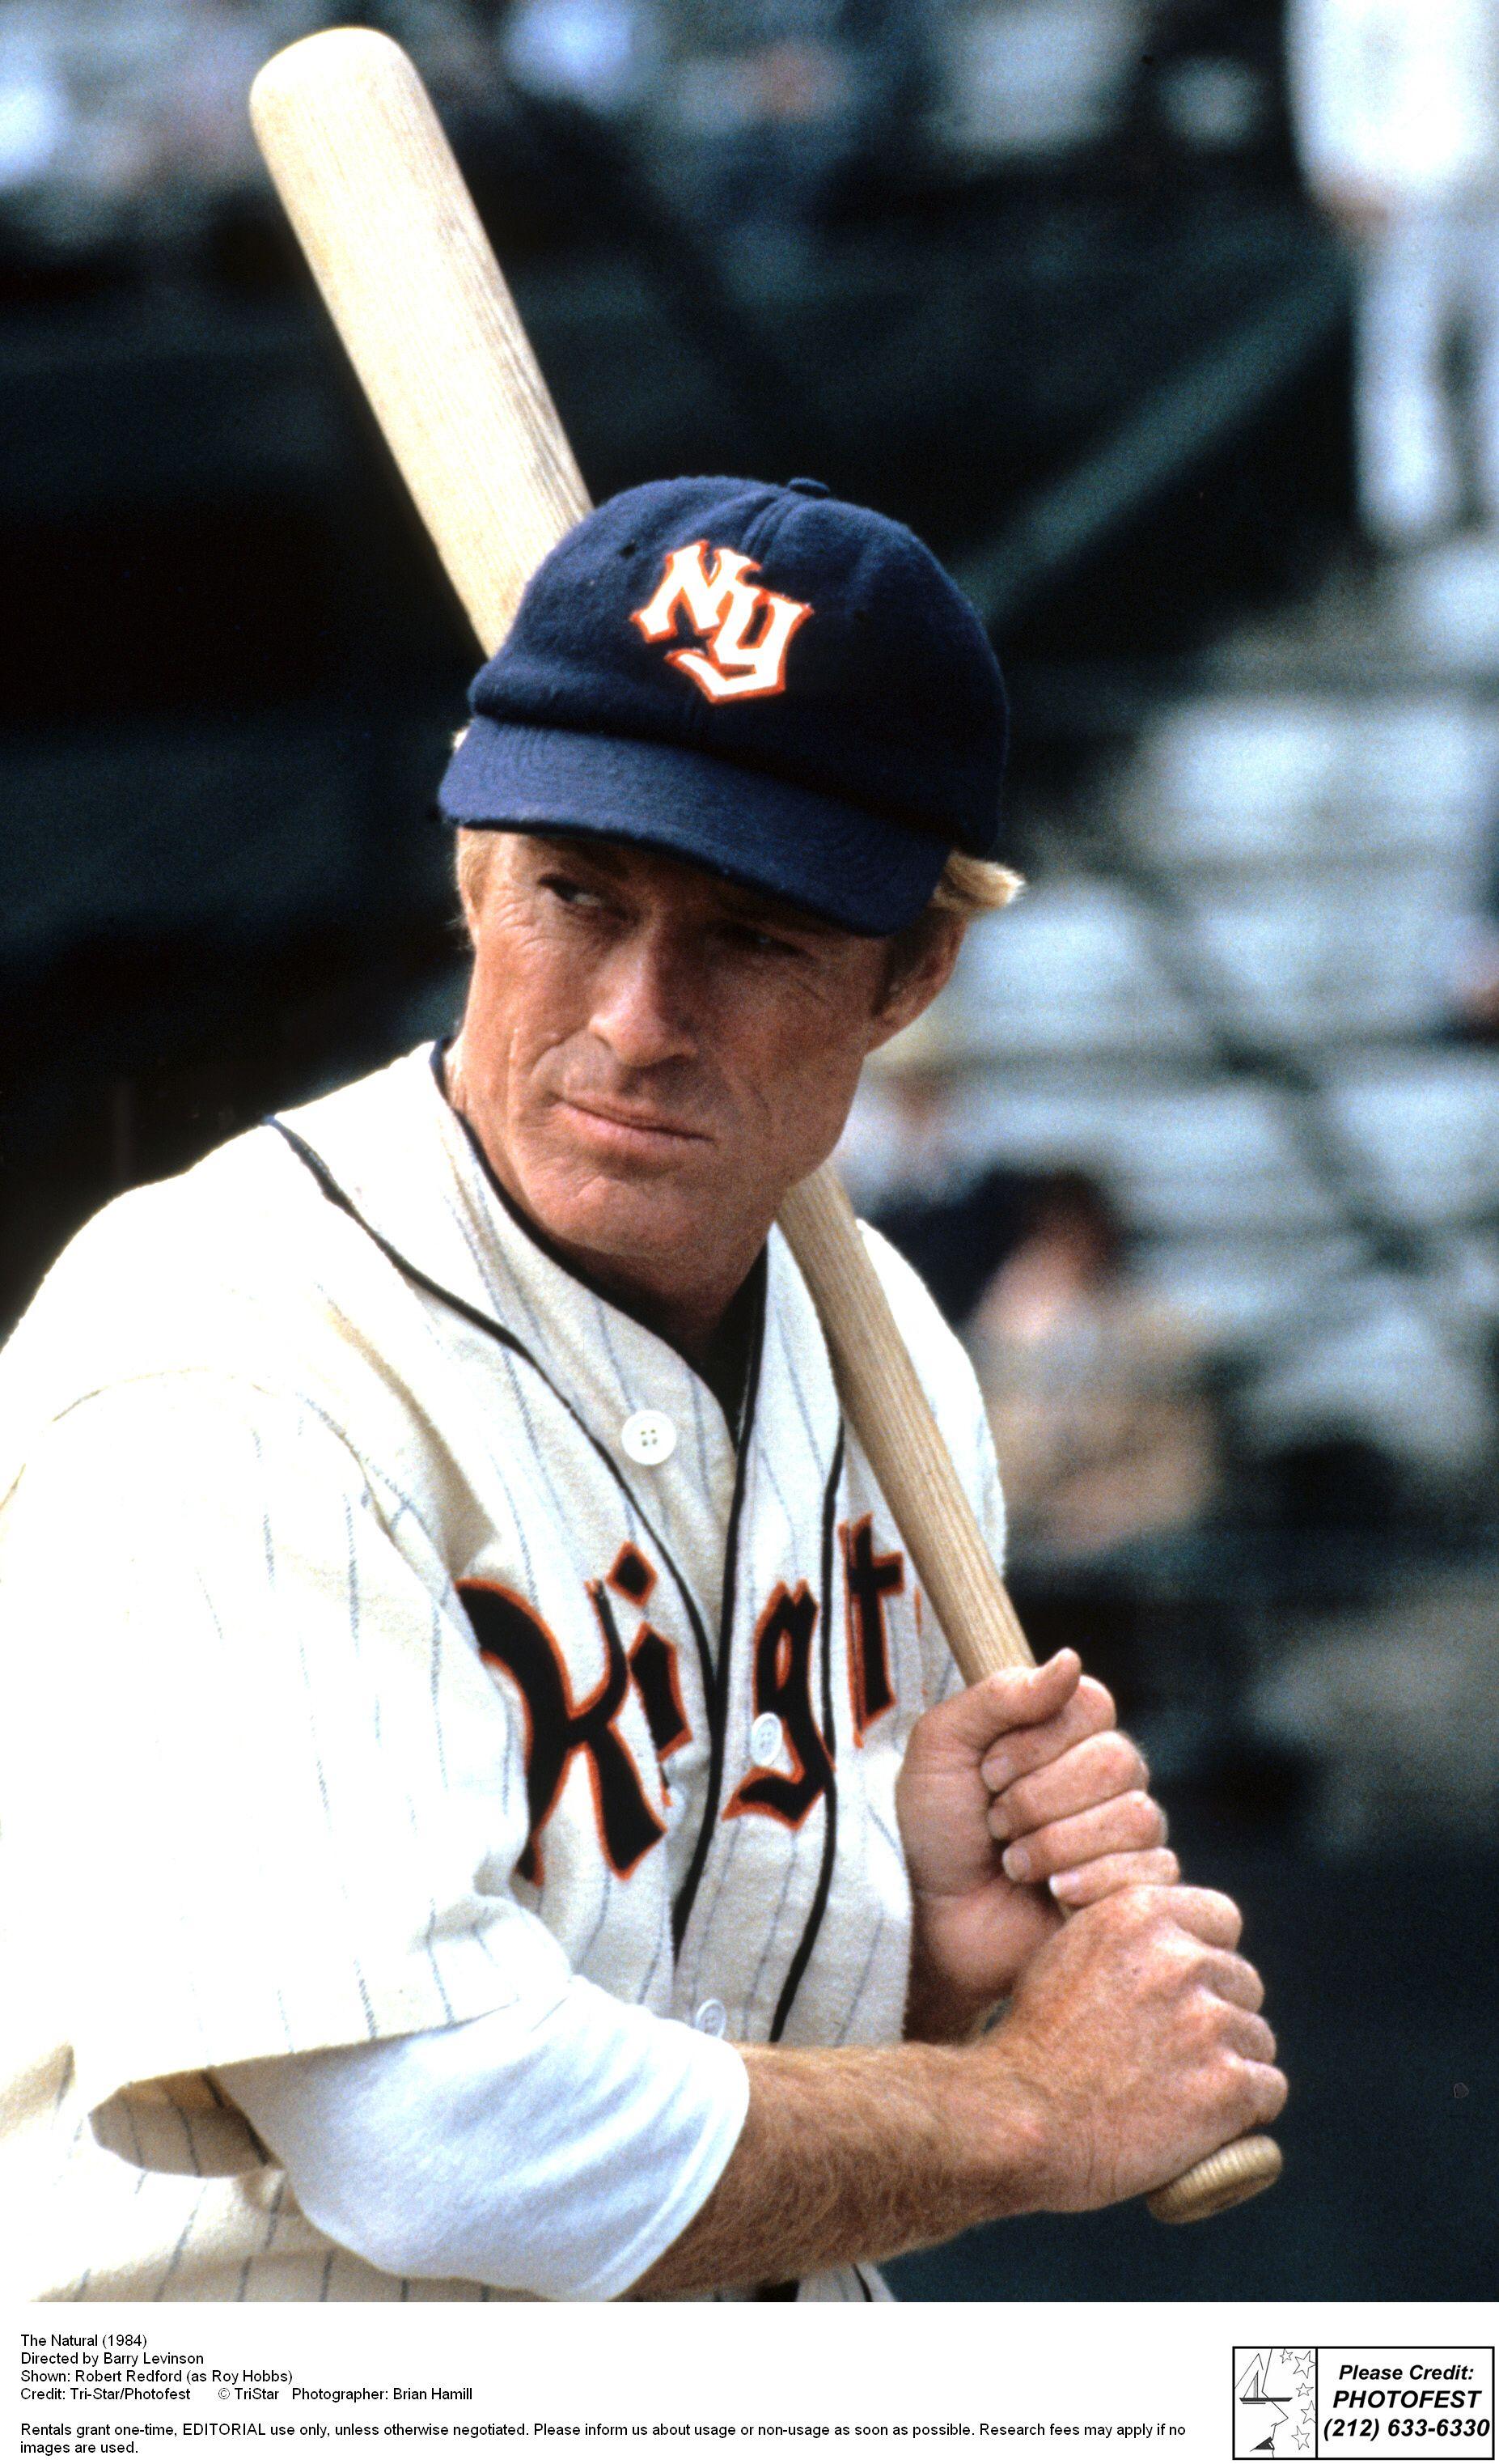 野球映画に登場する選手から最高のプレイヤーを選抜 これが